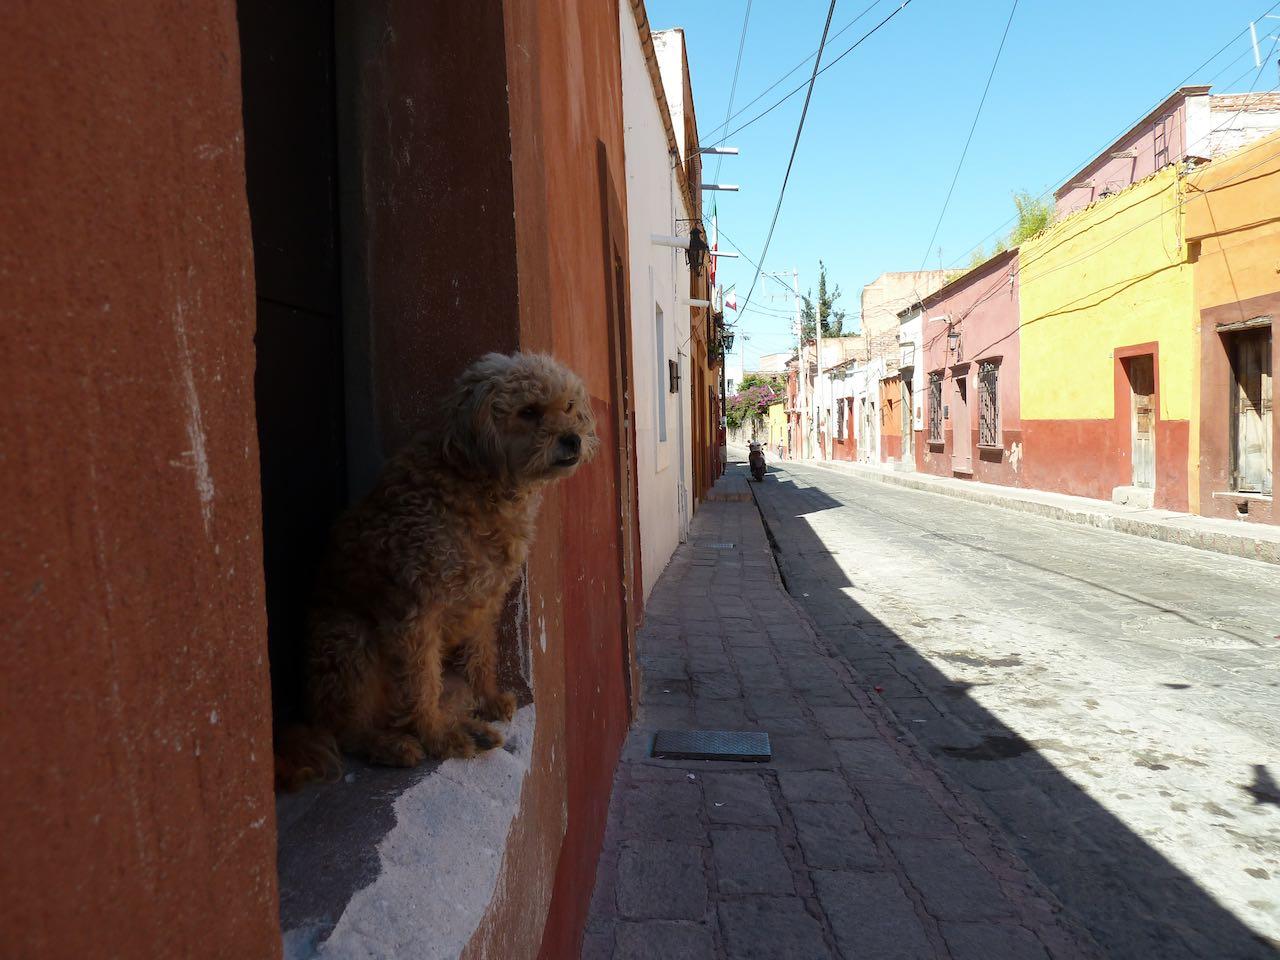 dog peeking out a window